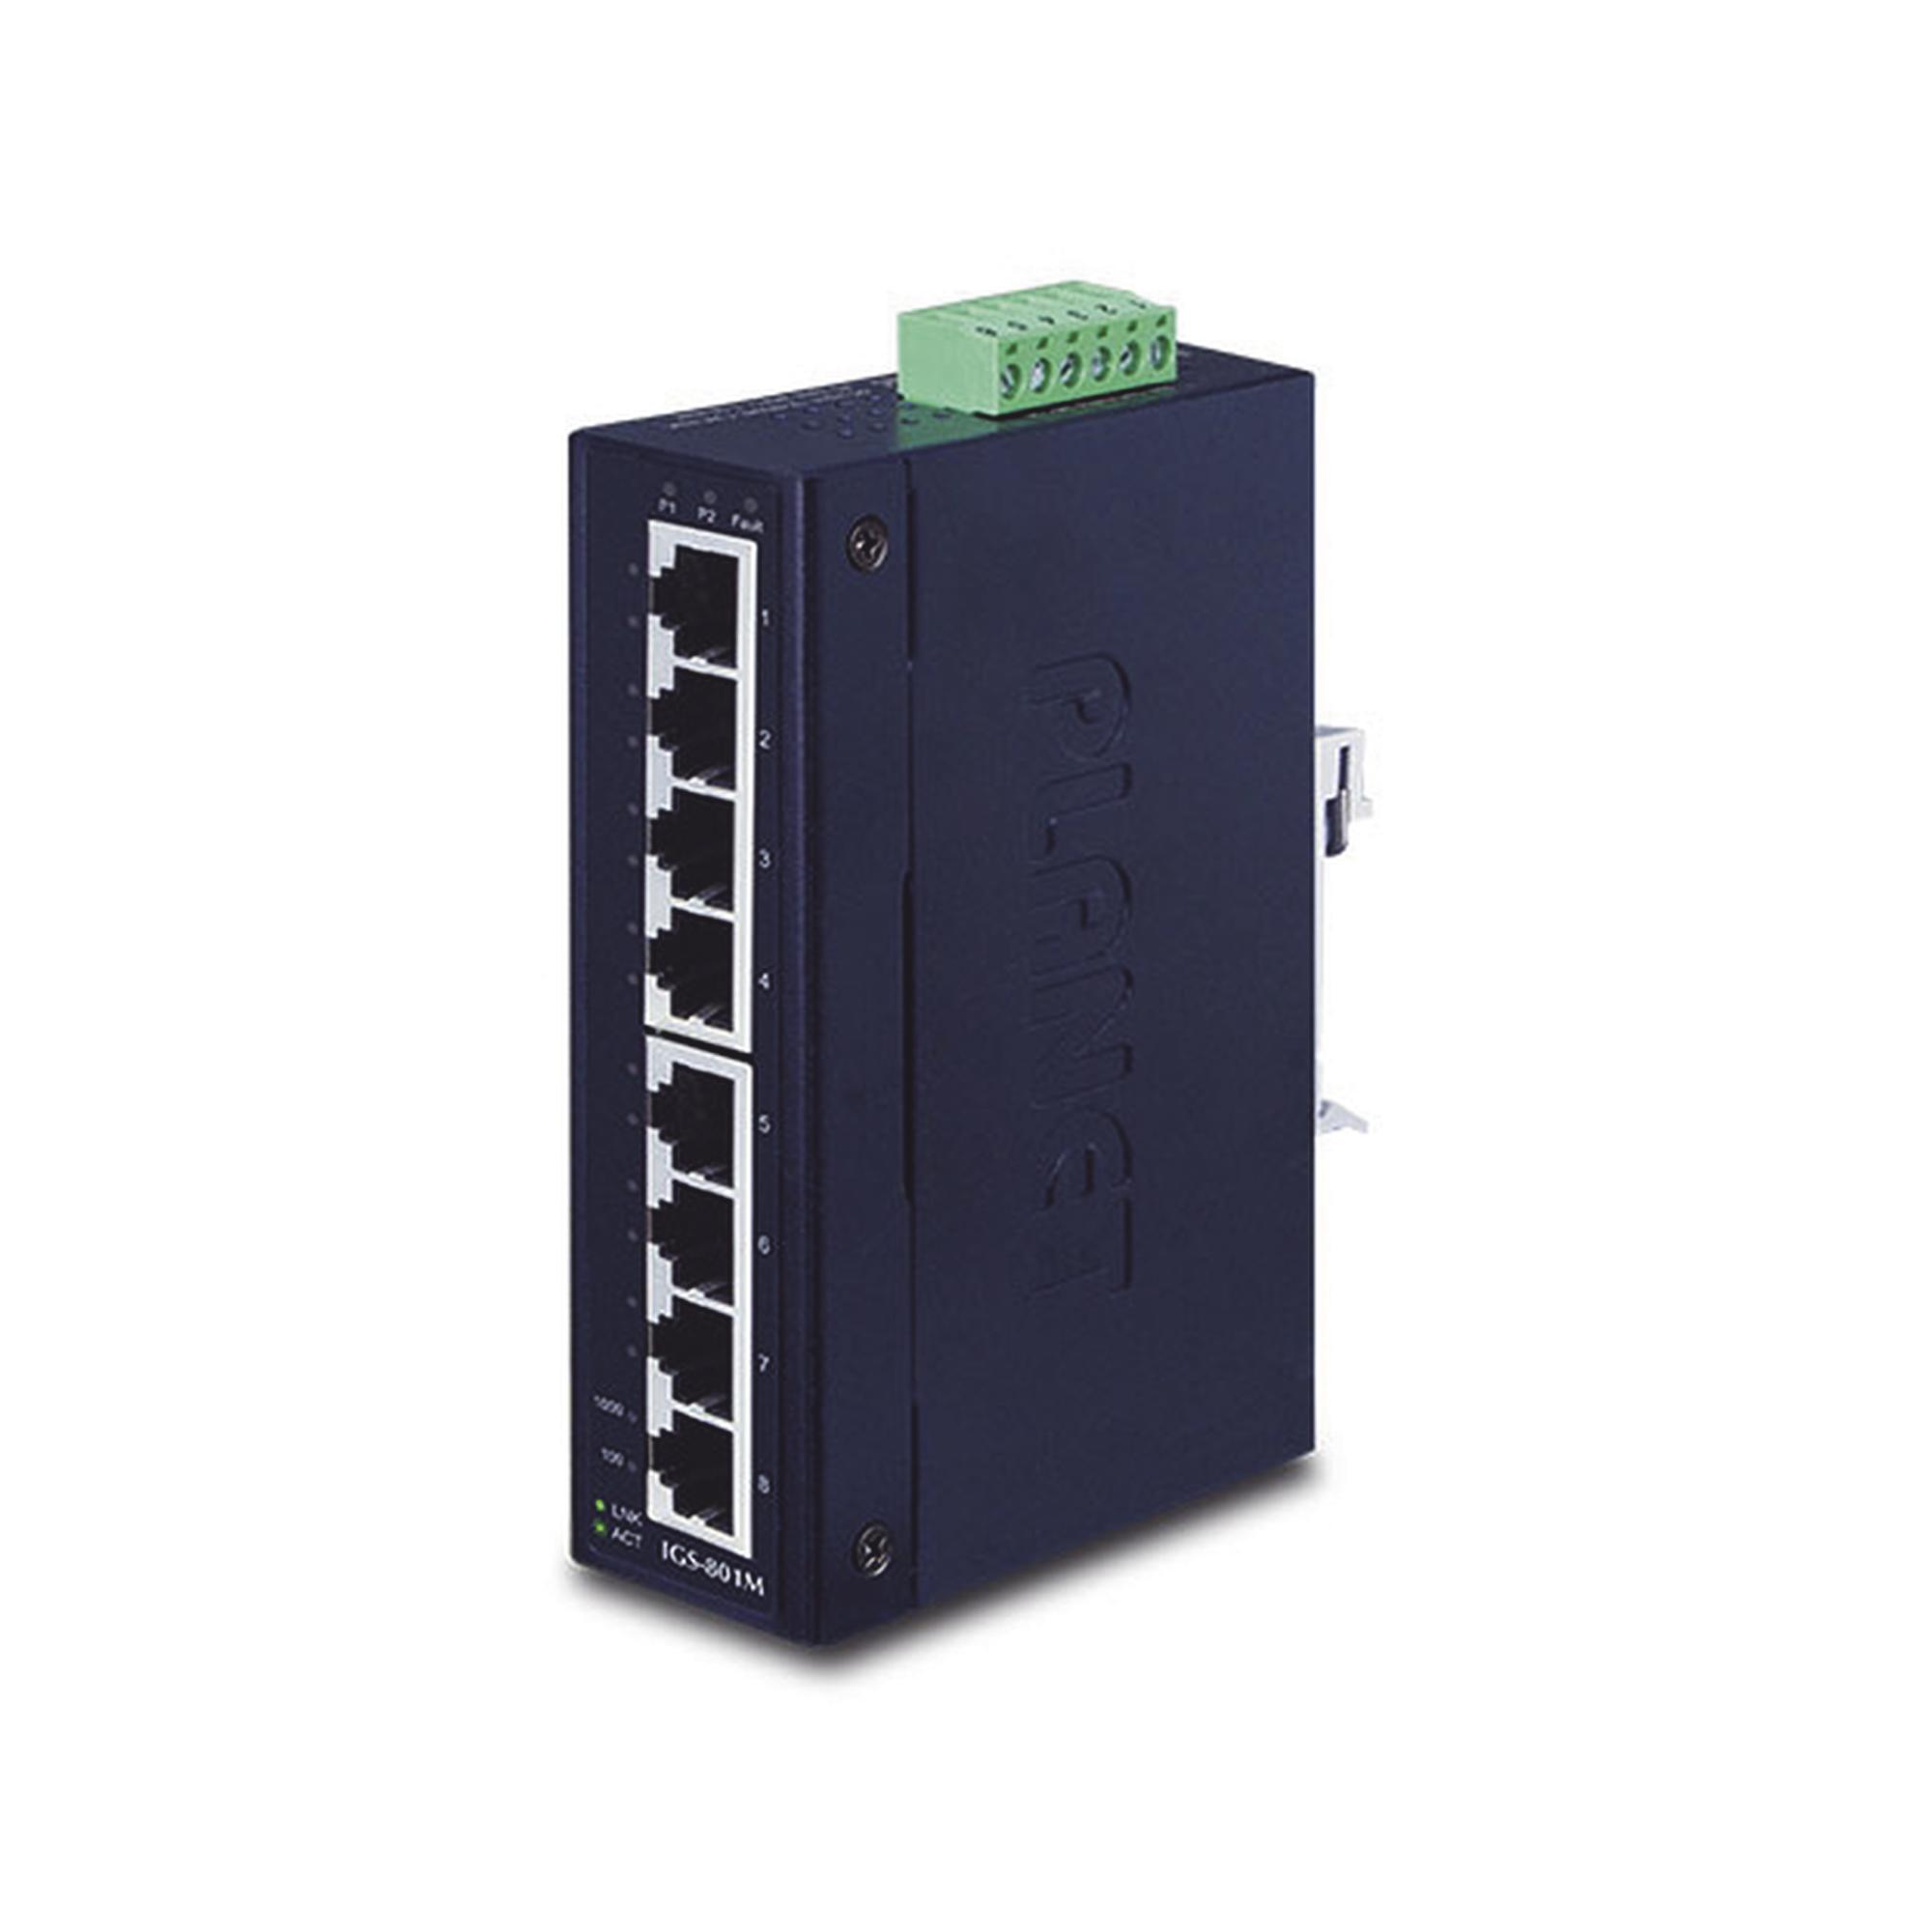 Switch Industrial Administrable Capa 2 de 8 puertos Gigabit con Fuente Redundante